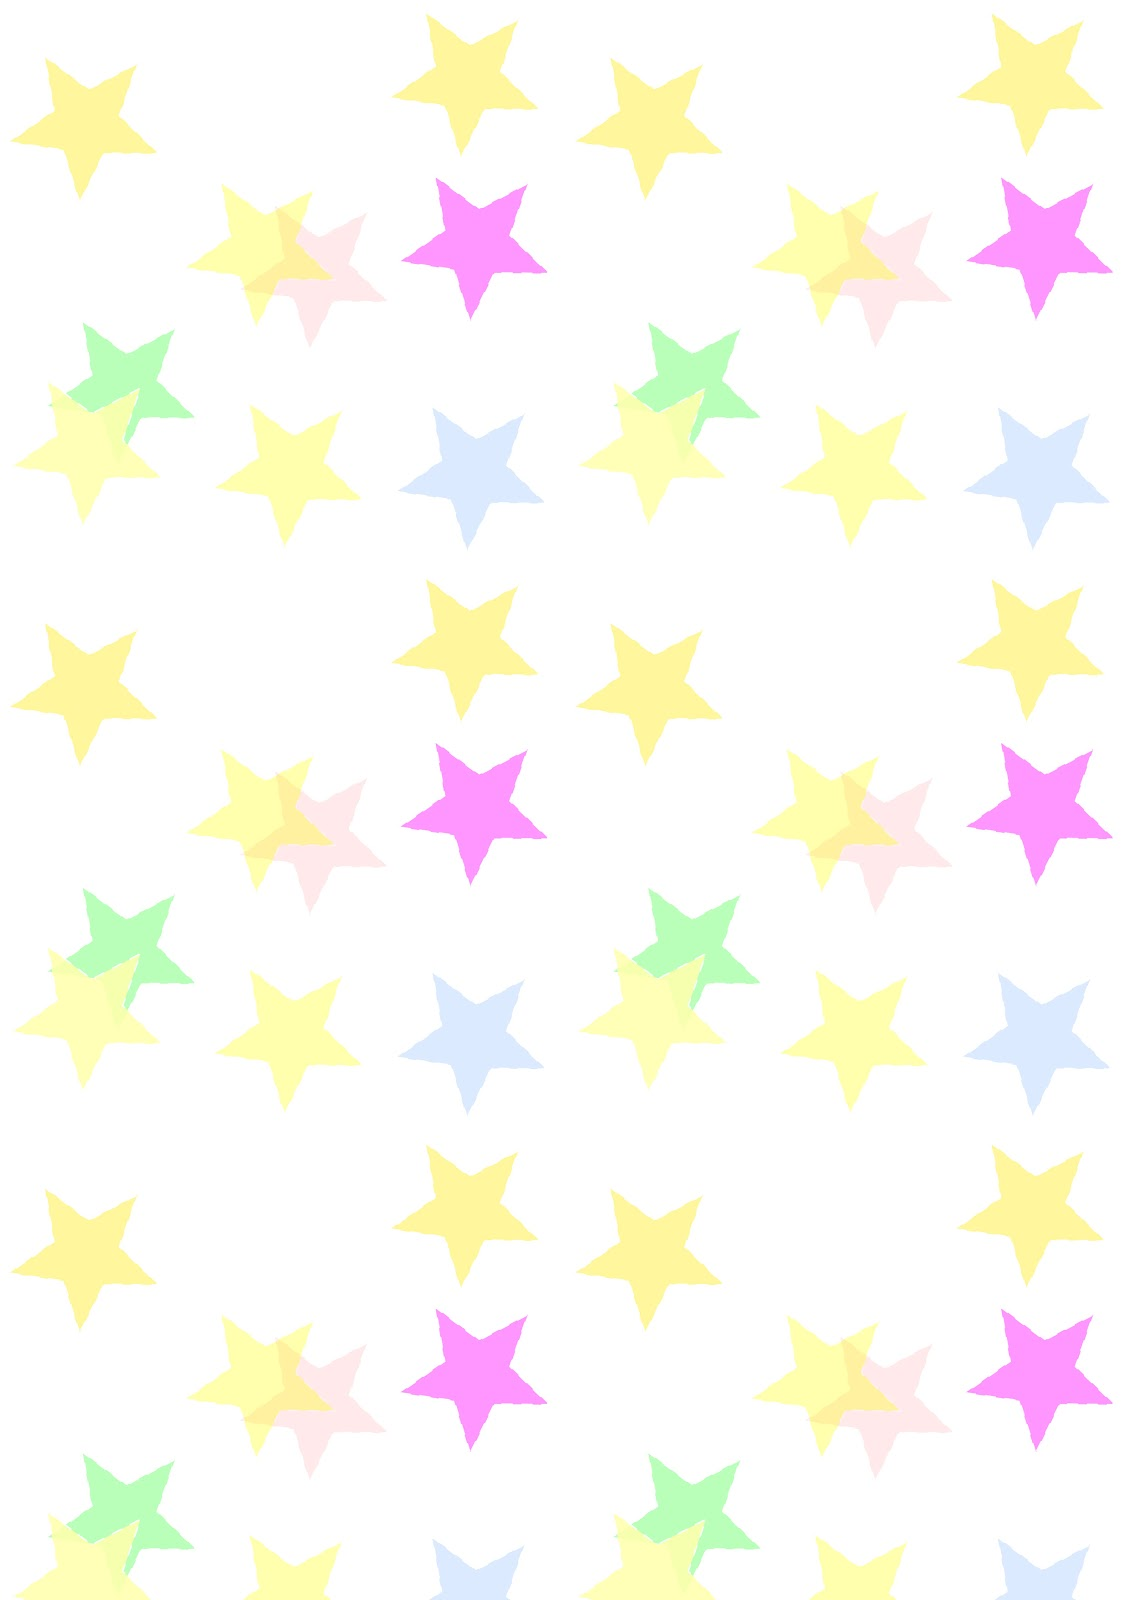 star_confetti_papera4